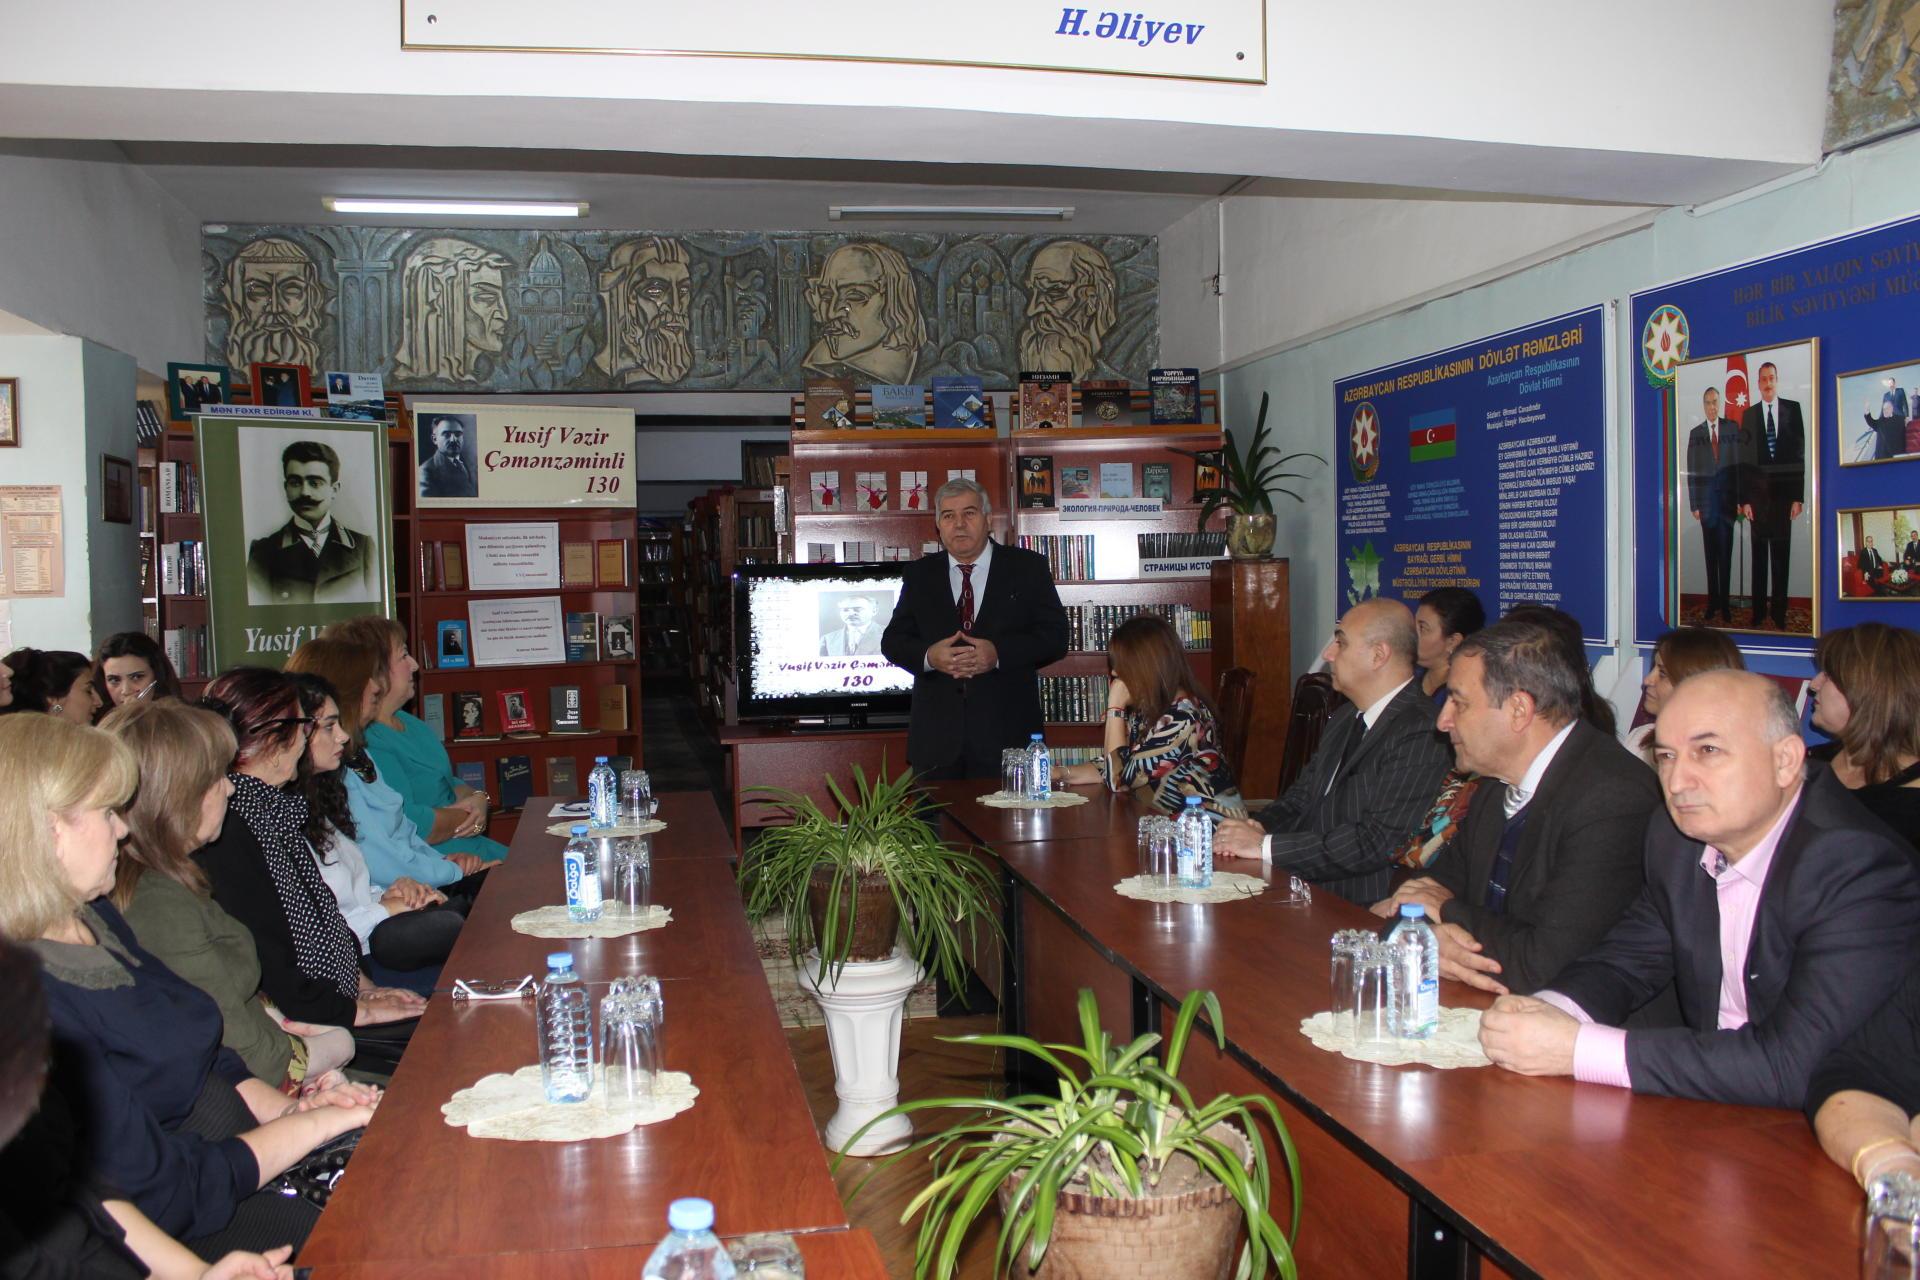 Выдающийся мастер слова: в Баку отметили 130-летие Юсифа Везира Чеменземинли  (ФОТО) - Gallery Image